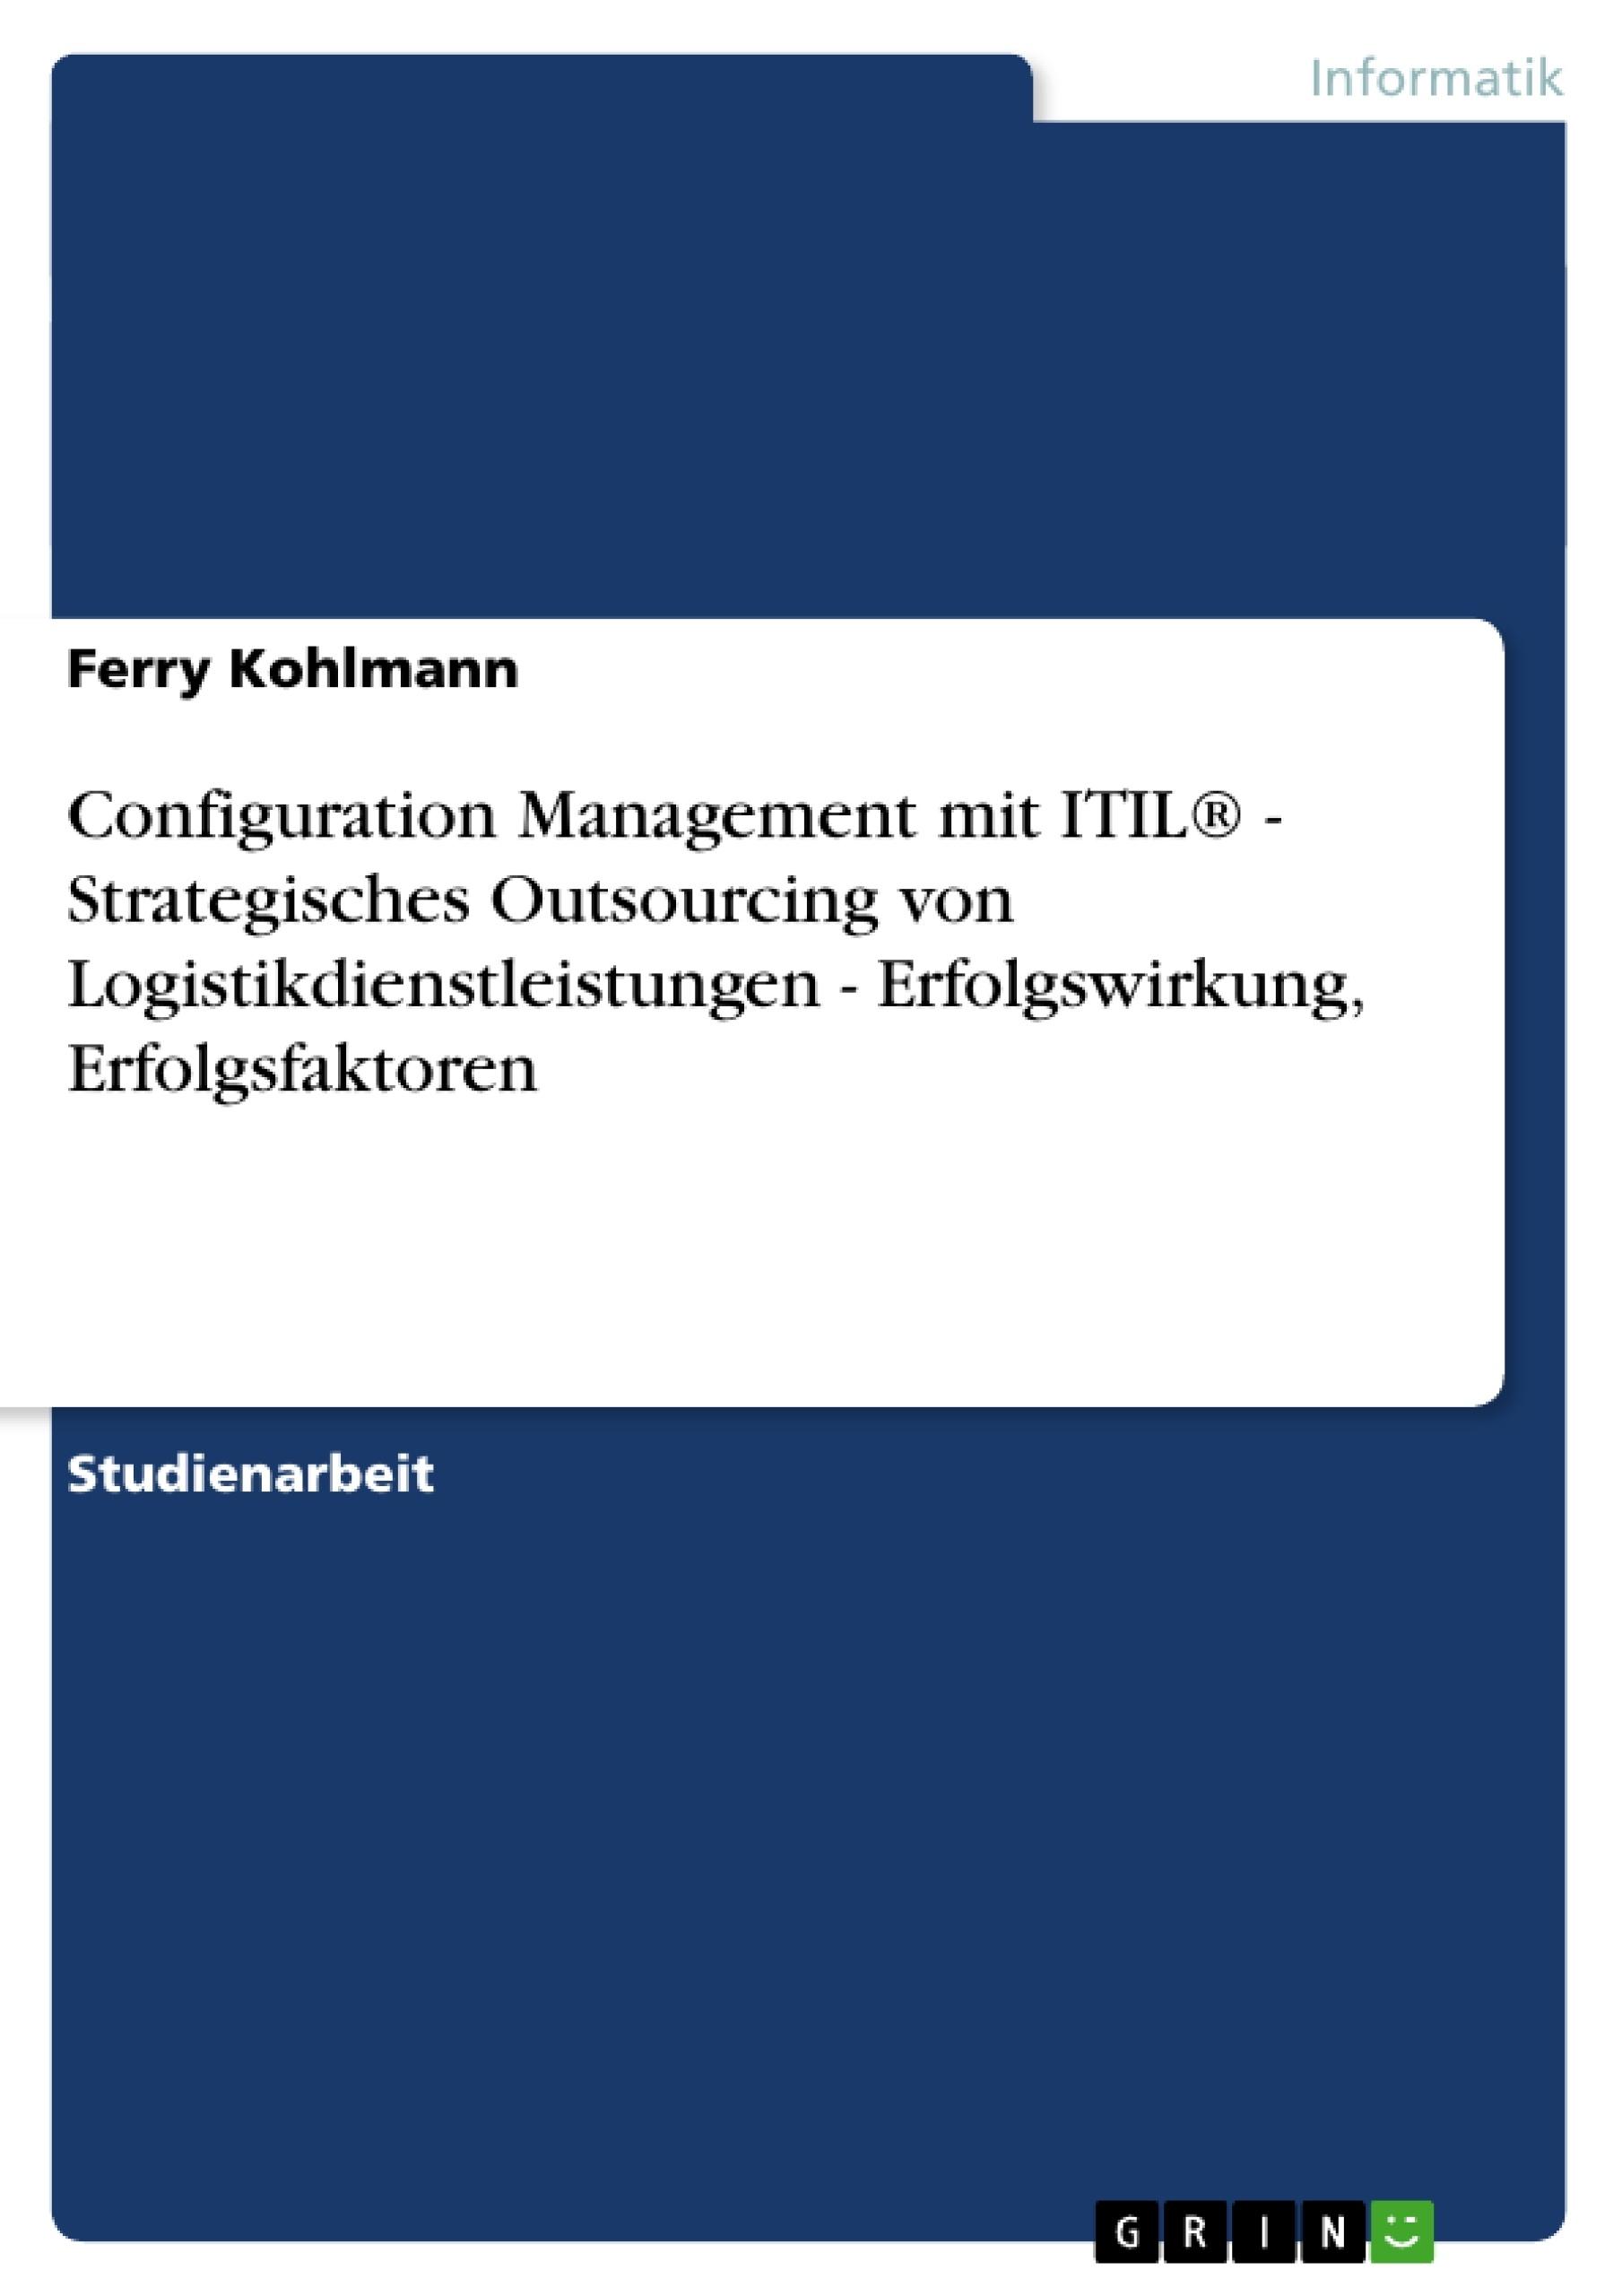 Titel: Configuration Management mit ITIL® - Strategisches Outsourcing von Logistikdienstleistungen - Erfolgswirkung, Erfolgsfaktoren